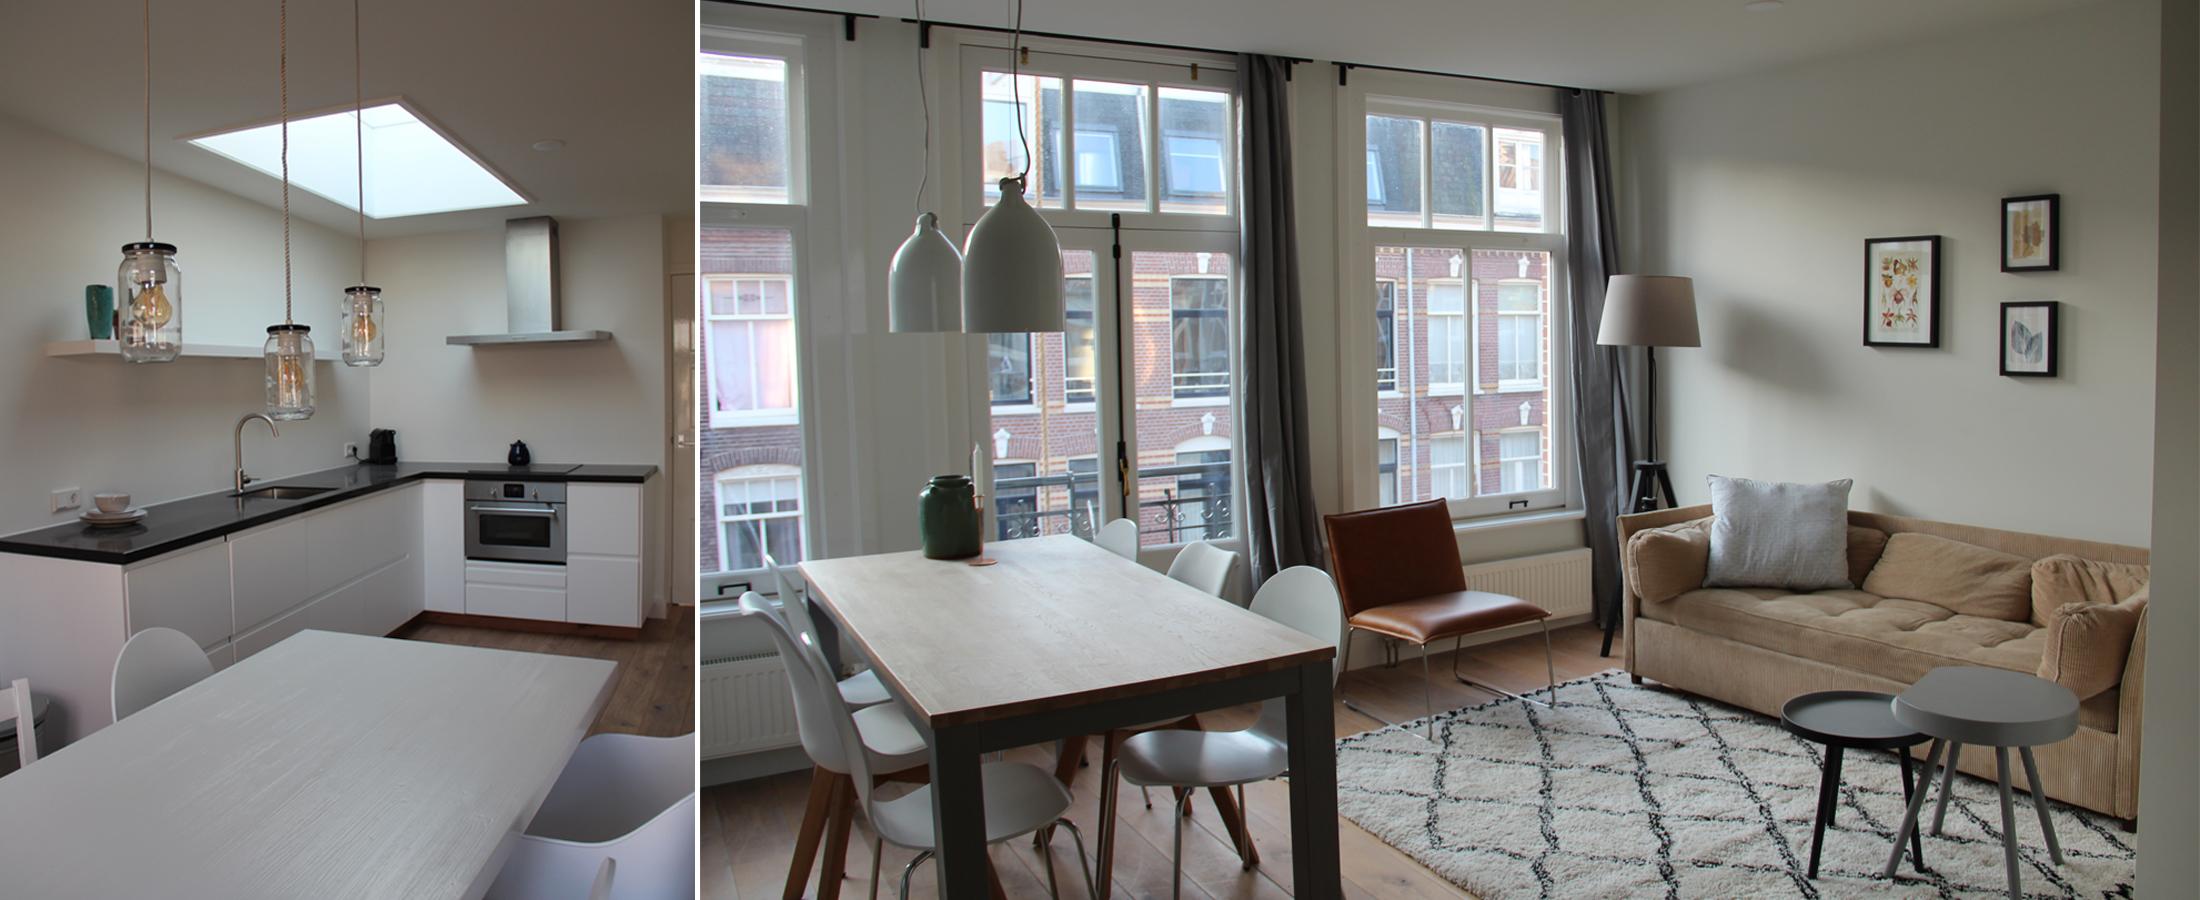 Appartementen Kanaalstraat, Amsterdam